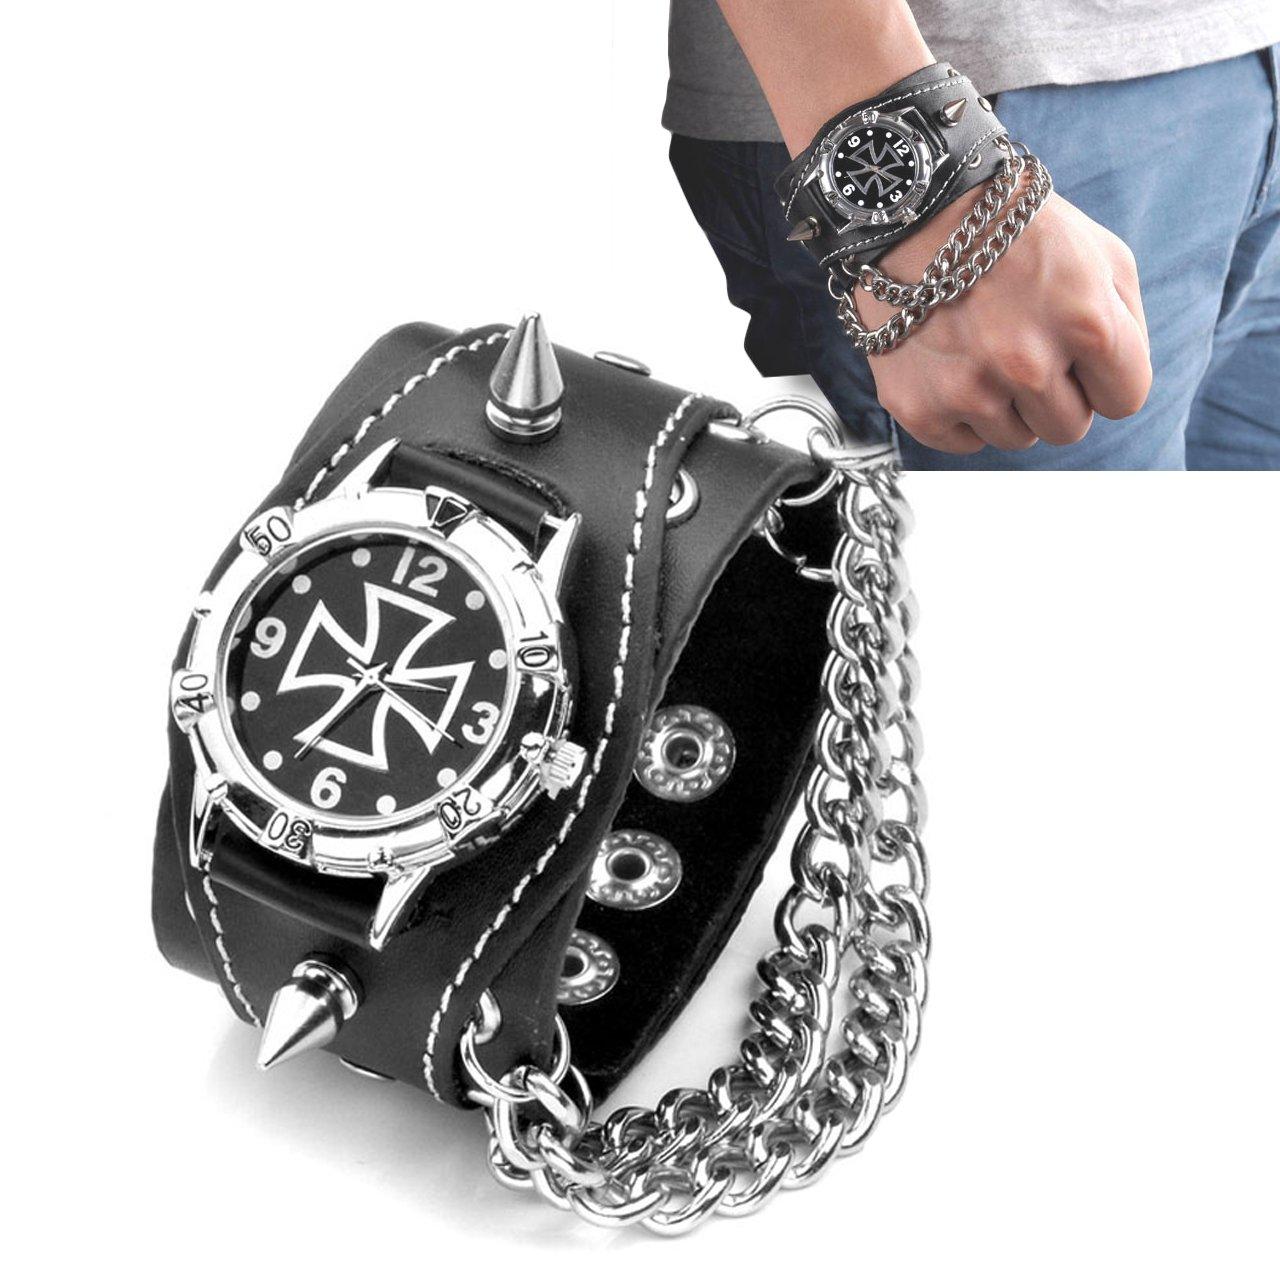 Top Plaza Men's Rivets Punk Rock Collection Cross Black Leather Belt Bracelet Watch Analog Quartz Wrist Watches